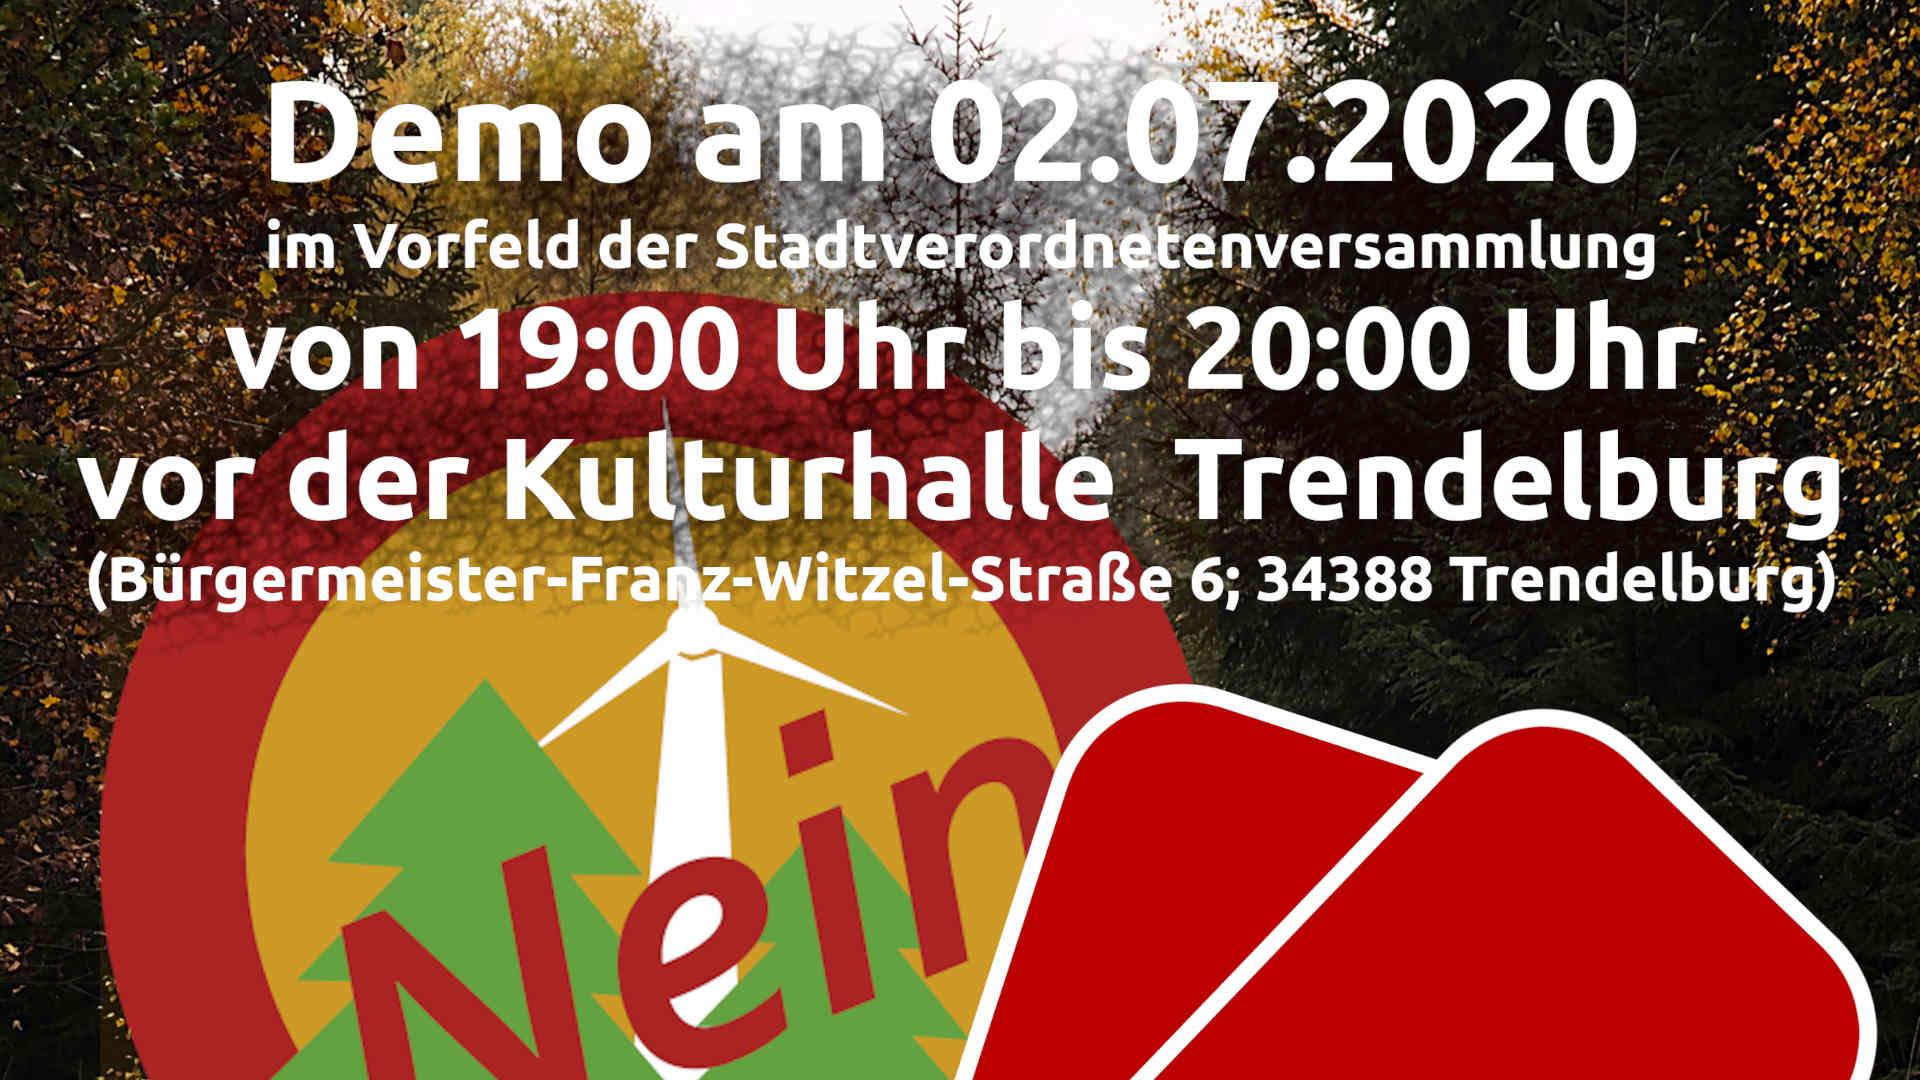 Veranstaltungshinweis Demo zum Download